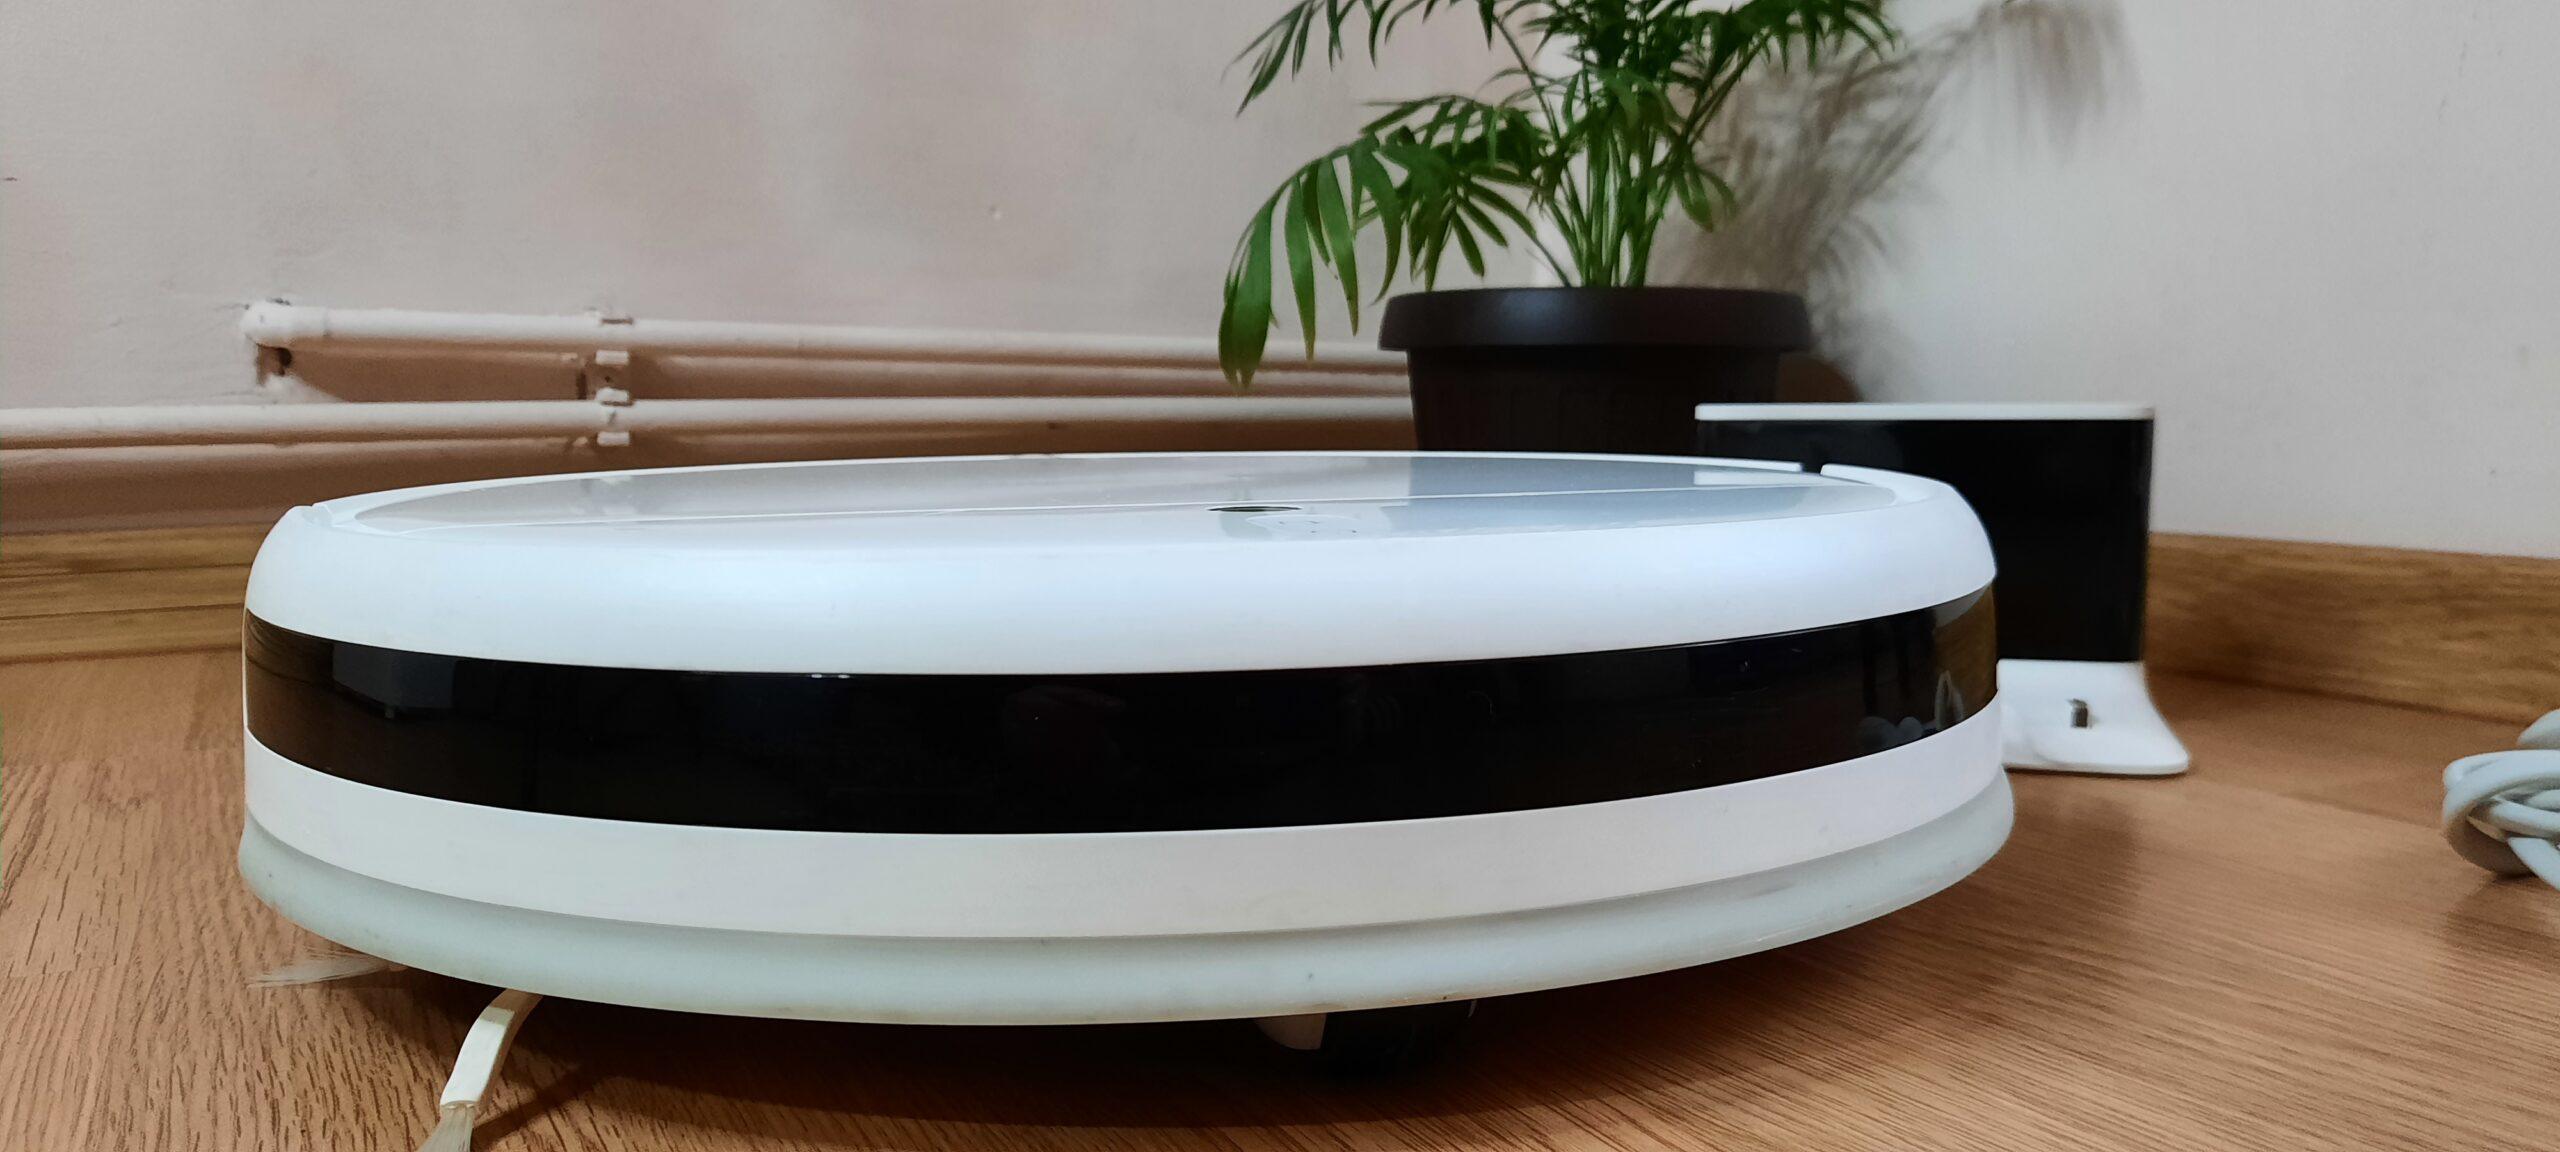 review xiaomi mi robot vacuum mop